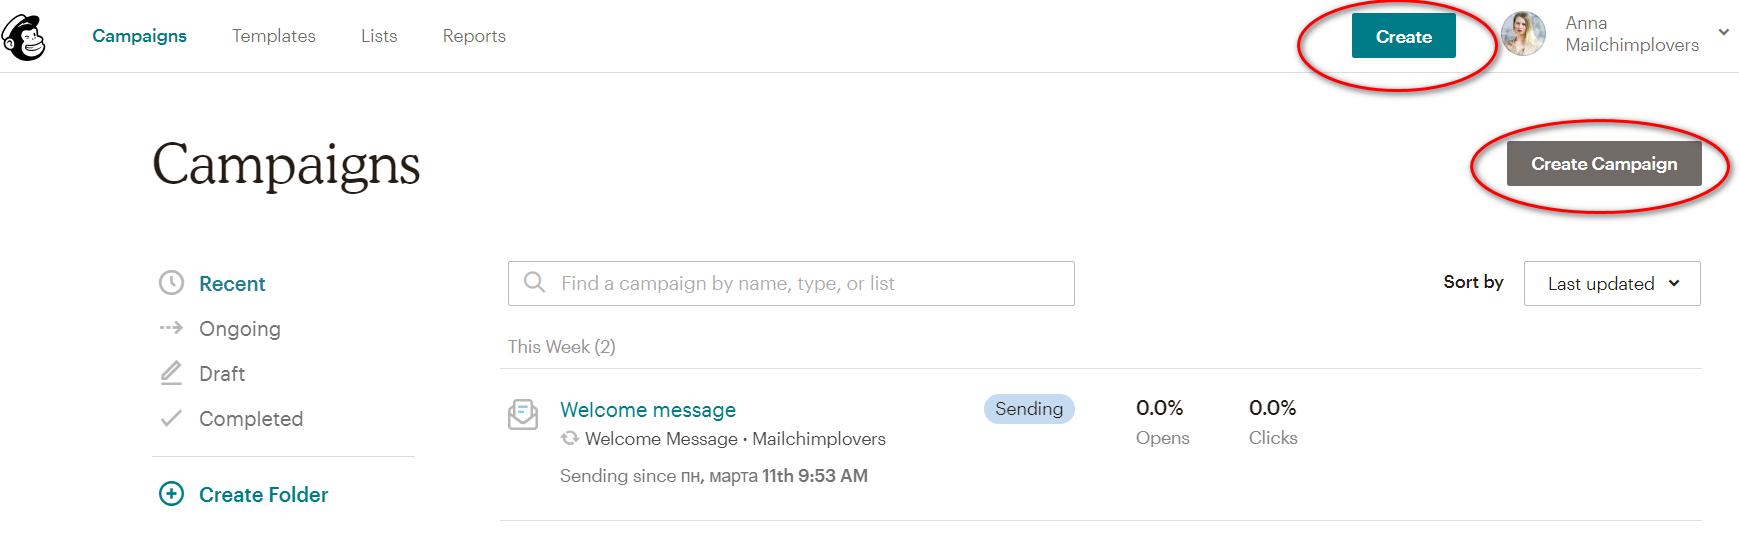 Создание кампании в MailChimp